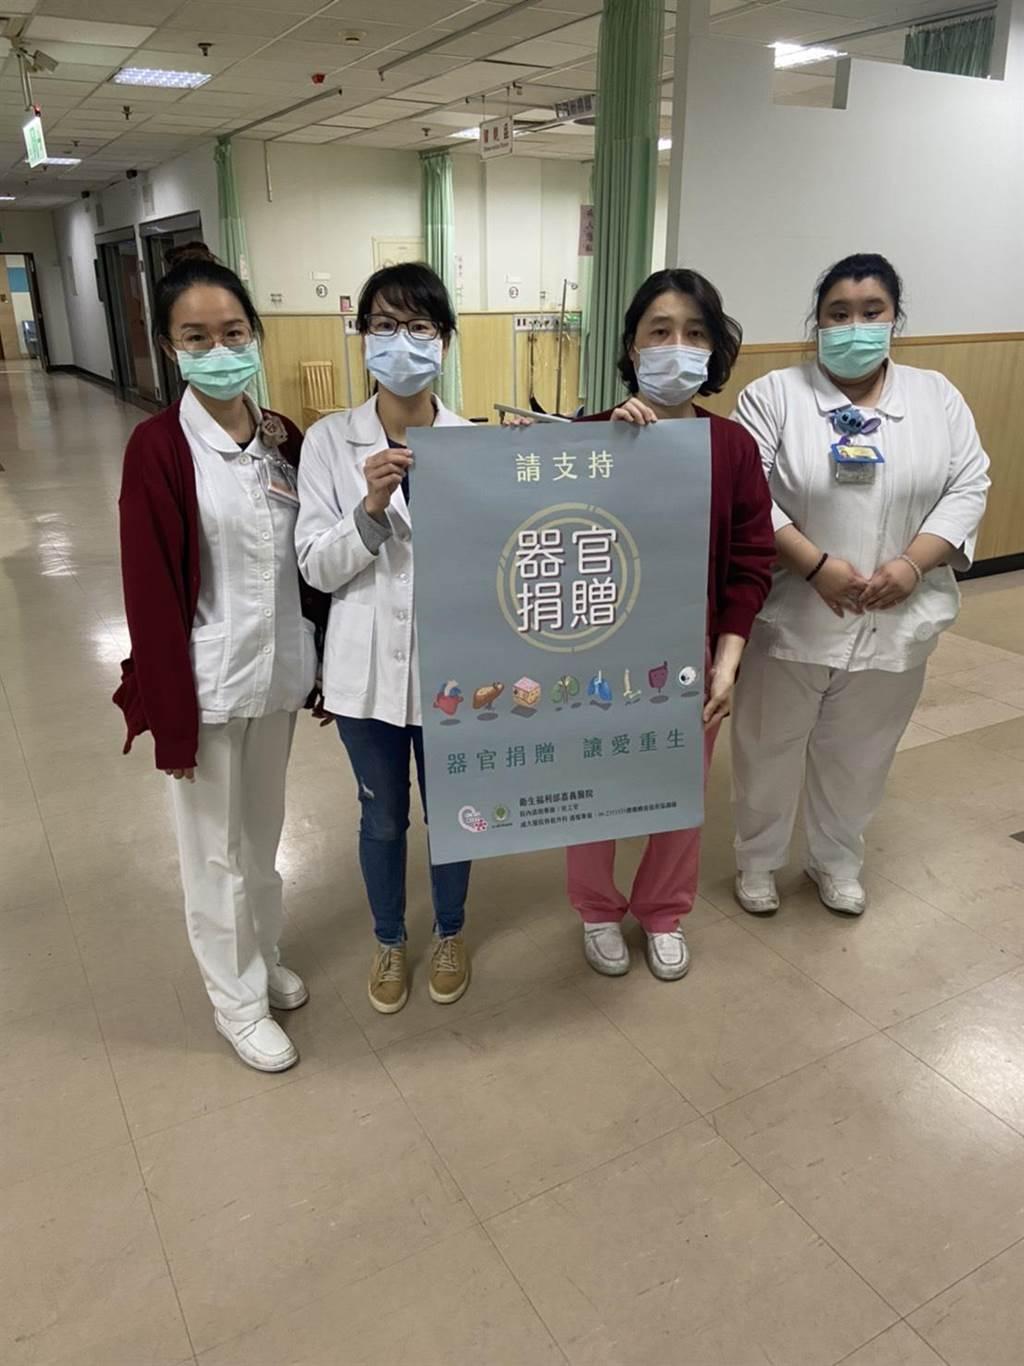 部嘉醫院推廣器官捐贈,讓愛永留人間。(嘉義醫院提供)